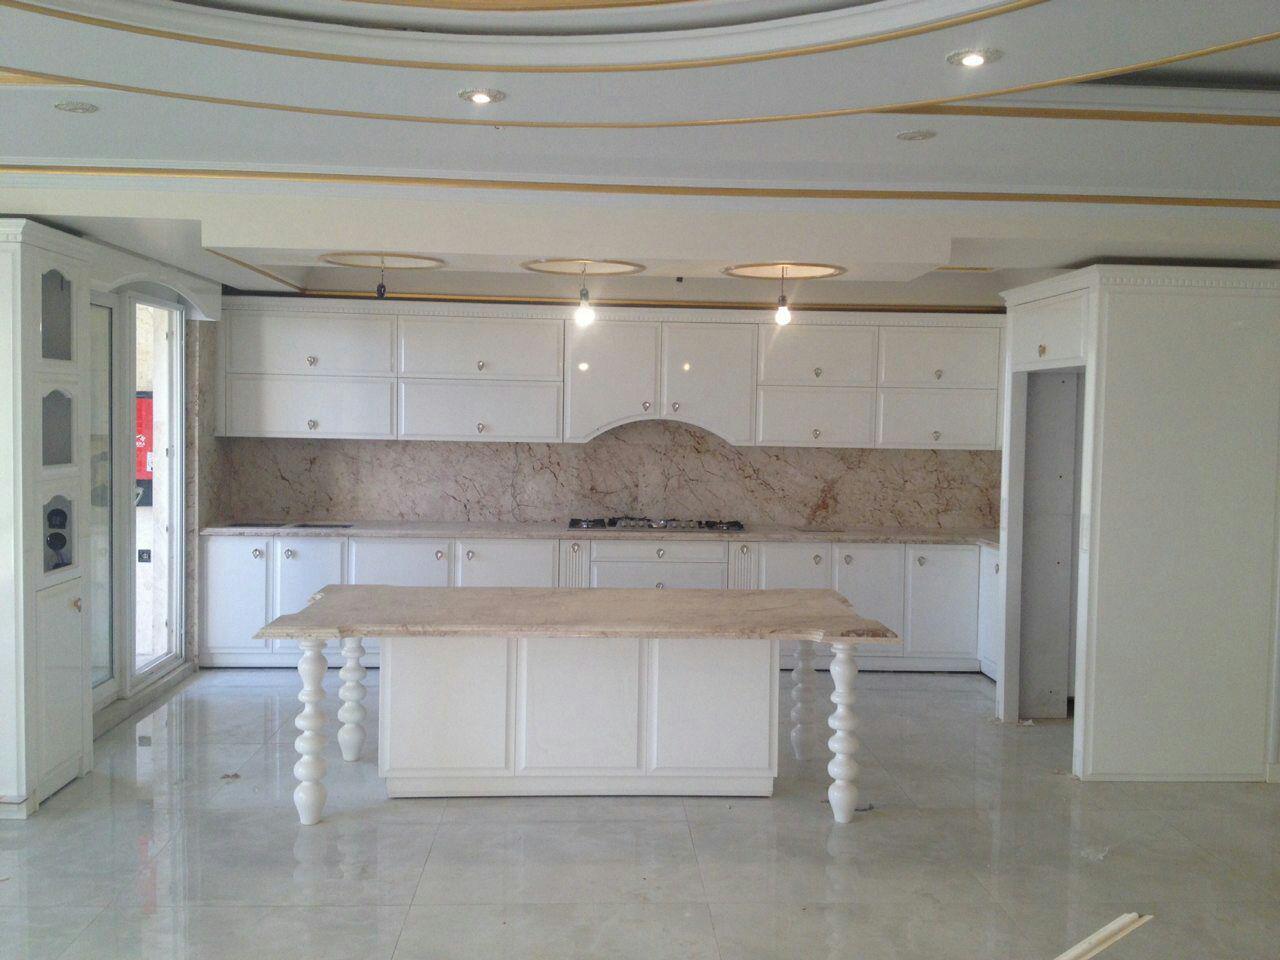 انواع مدل کابینت آشپزخانه ممبران / شرکت طراحی داخلی محمد صادق آجرلو